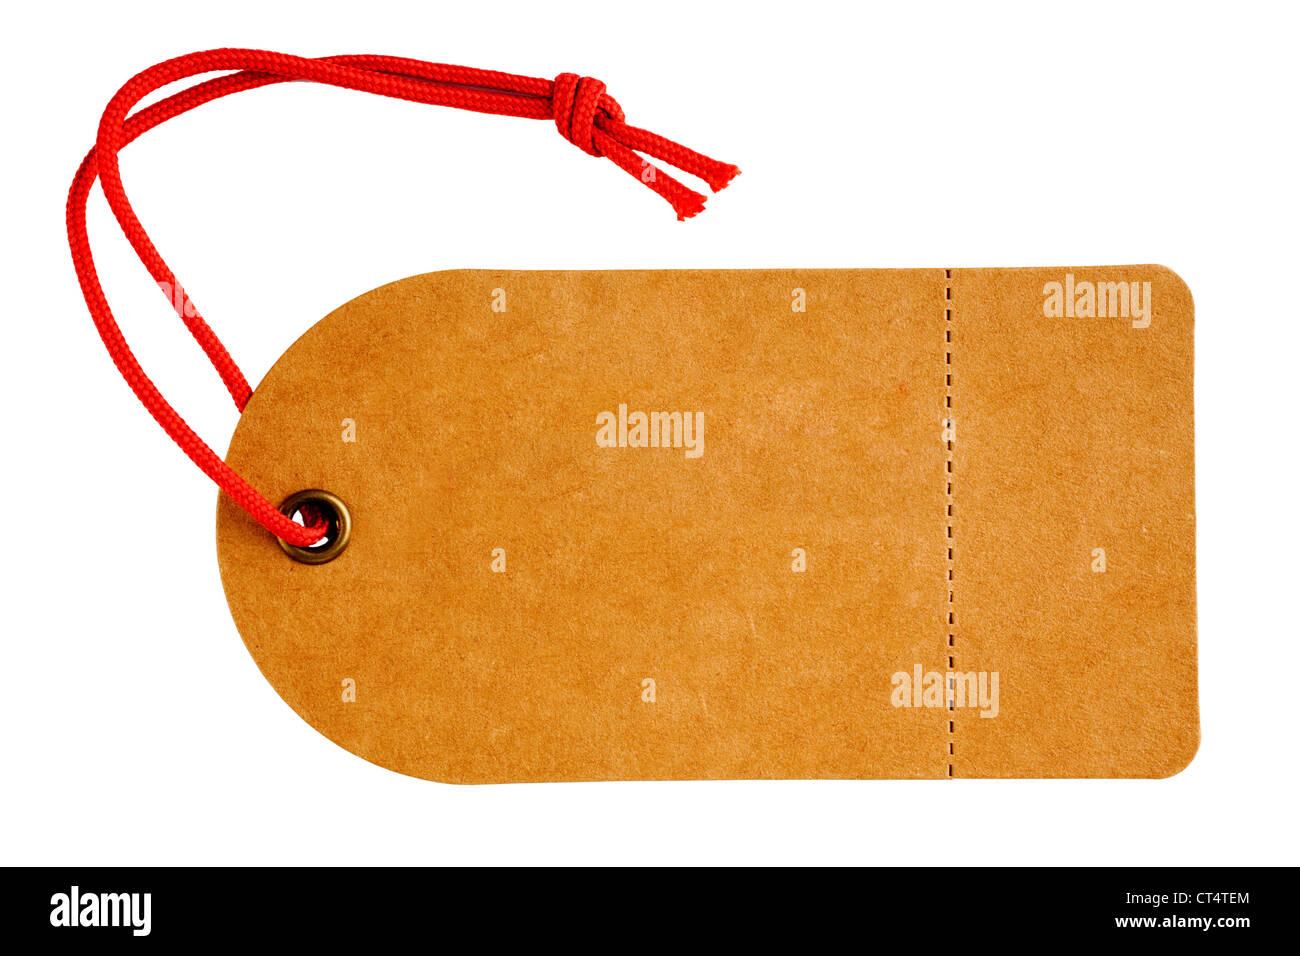 Vertrieb-Tag oder Swing Ticket, gemacht von einer rau texturierte braune Karte mit einer roten Schnur Stockbild